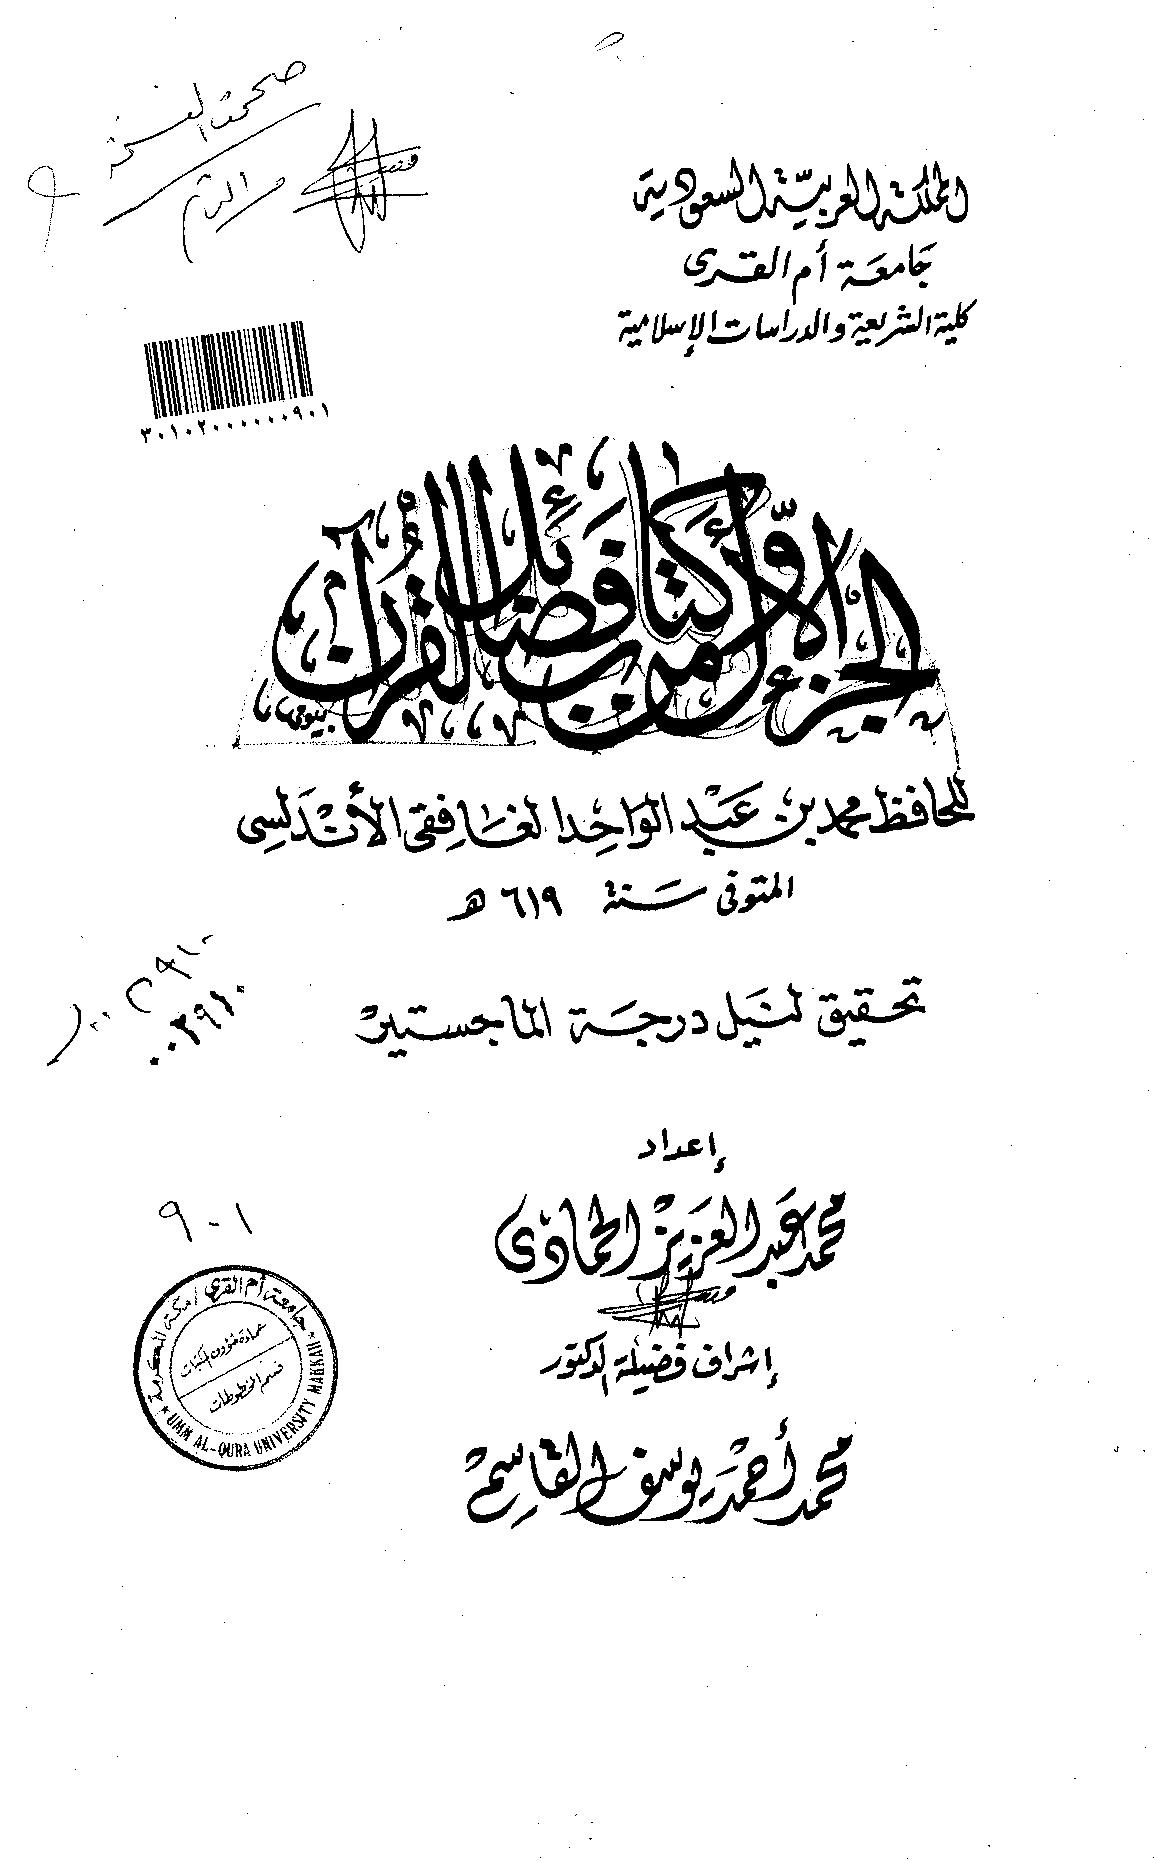 تحميل كتاب الجزء الأول من كتاب فضائل القرآن لـِ: الإمام أبو القاسم محمد بن عبد الواحد بن إبراهيم بن مفرج الغافقي الأندلسي (ت 619)